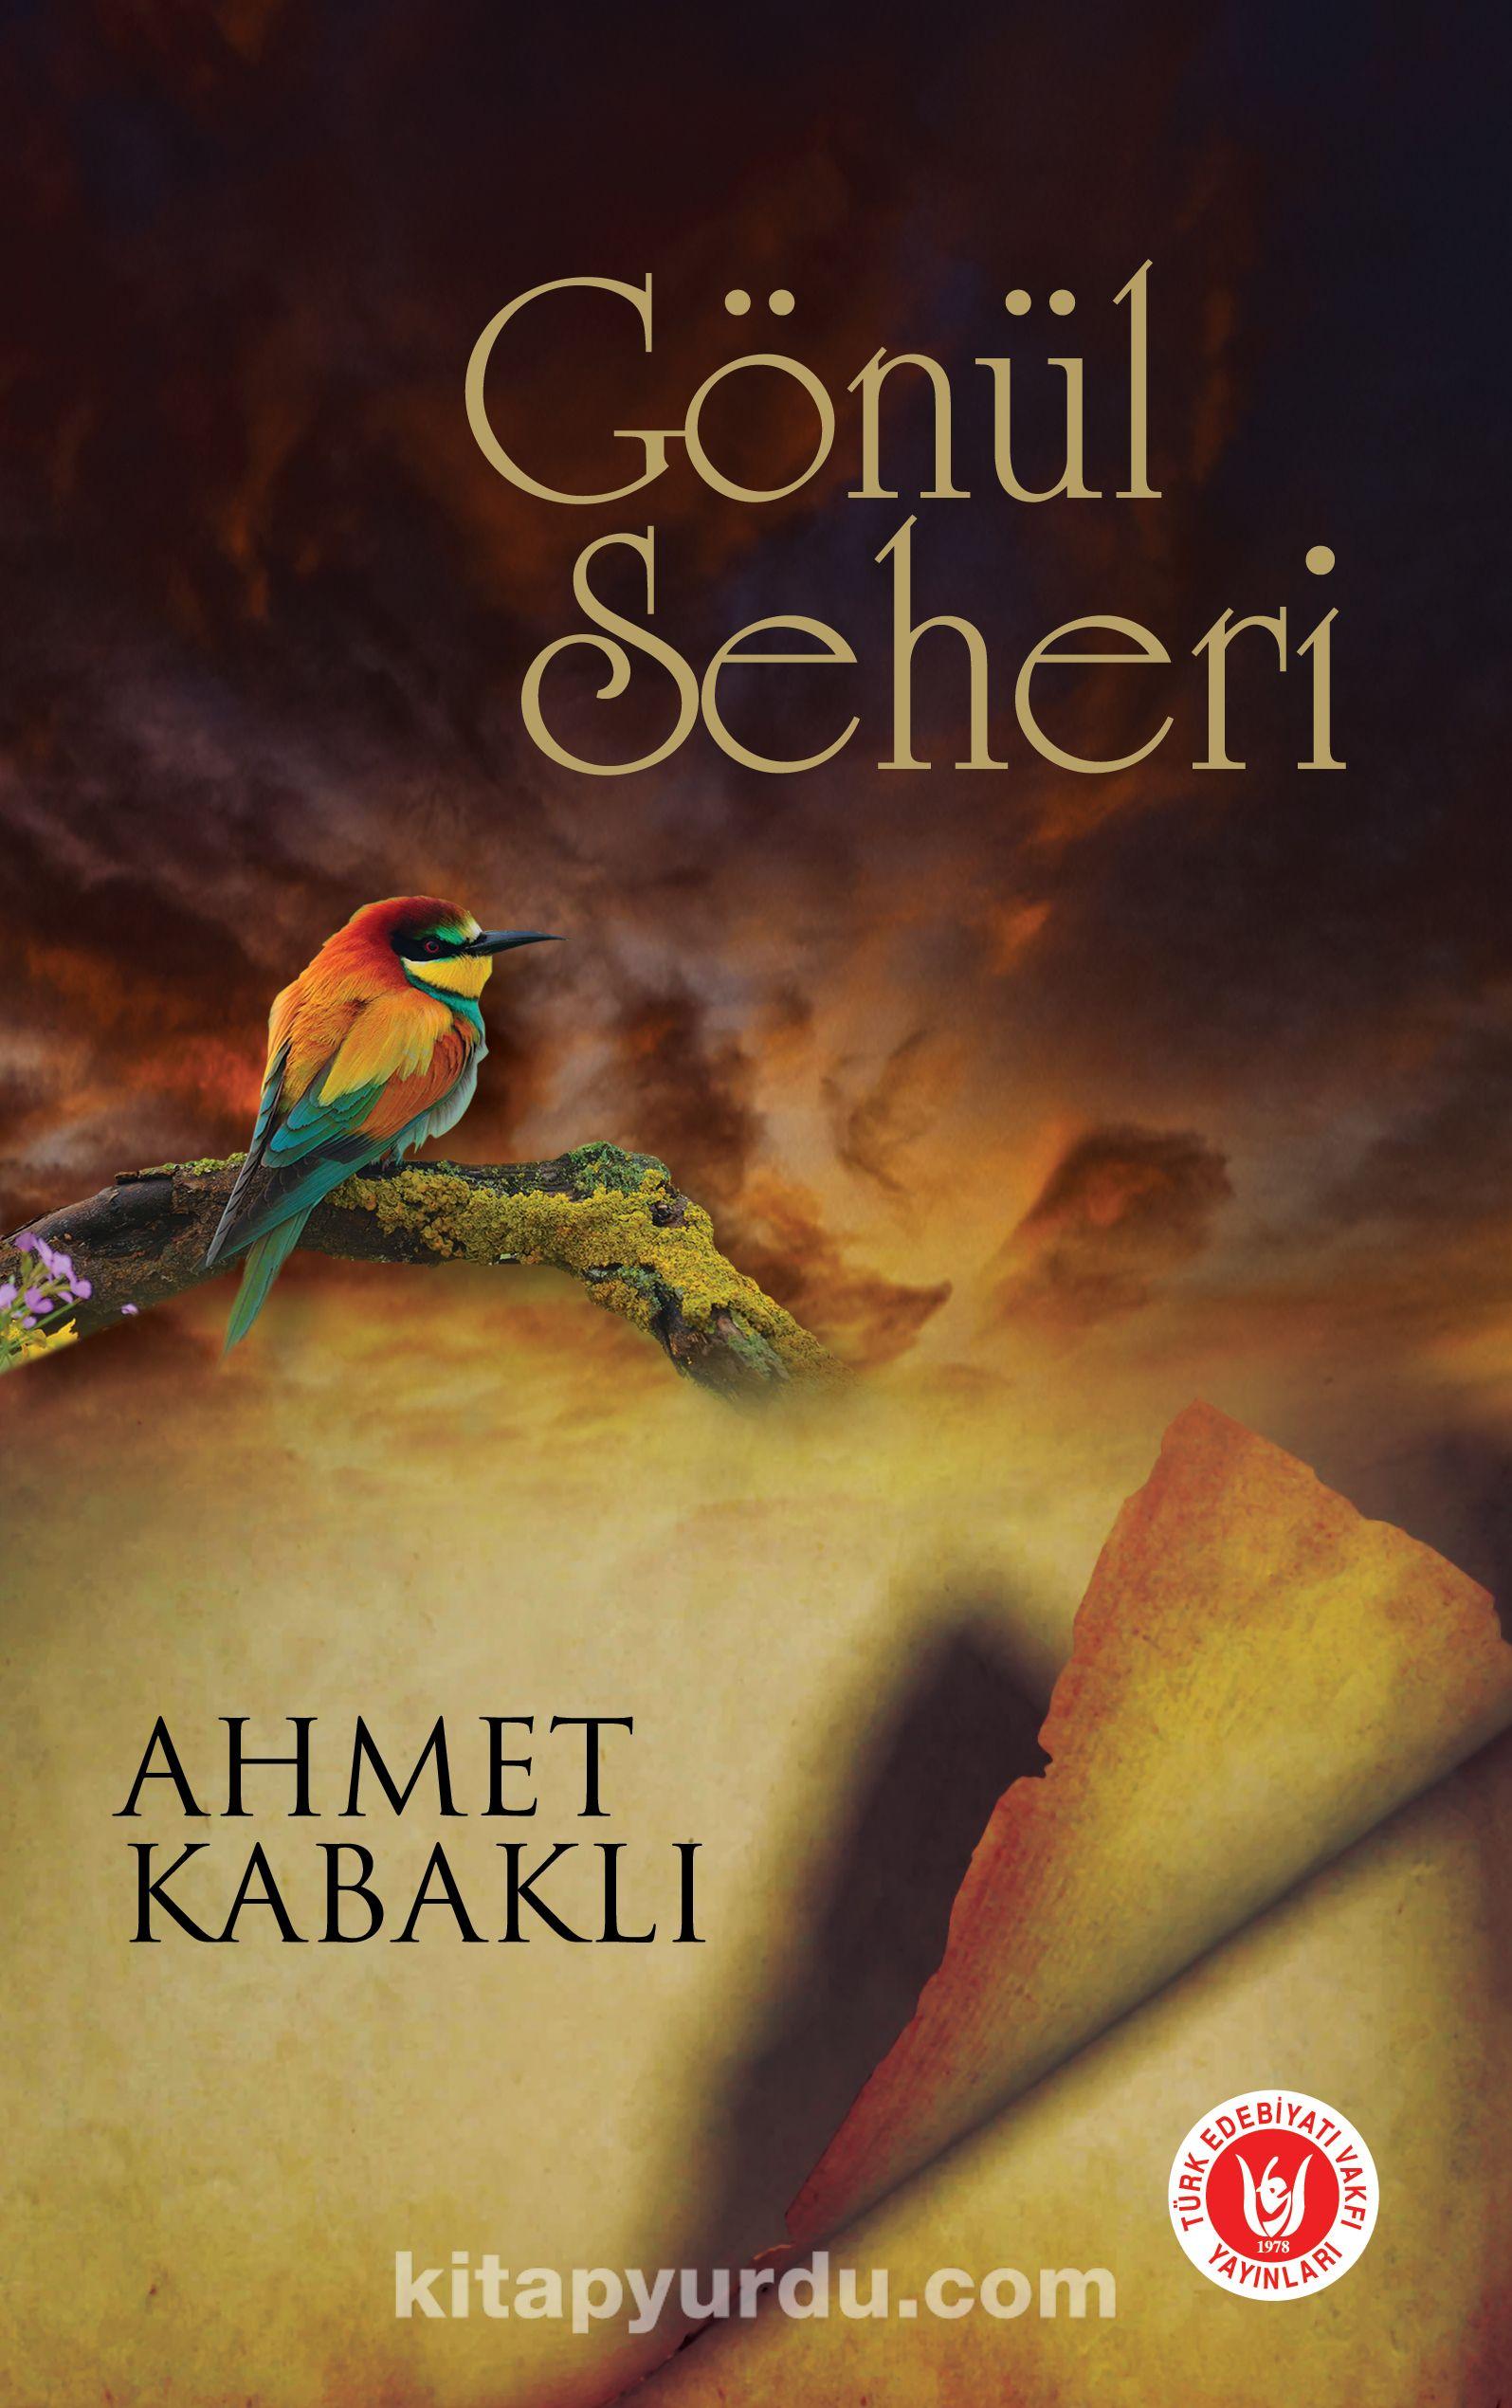 Gönül Seheri